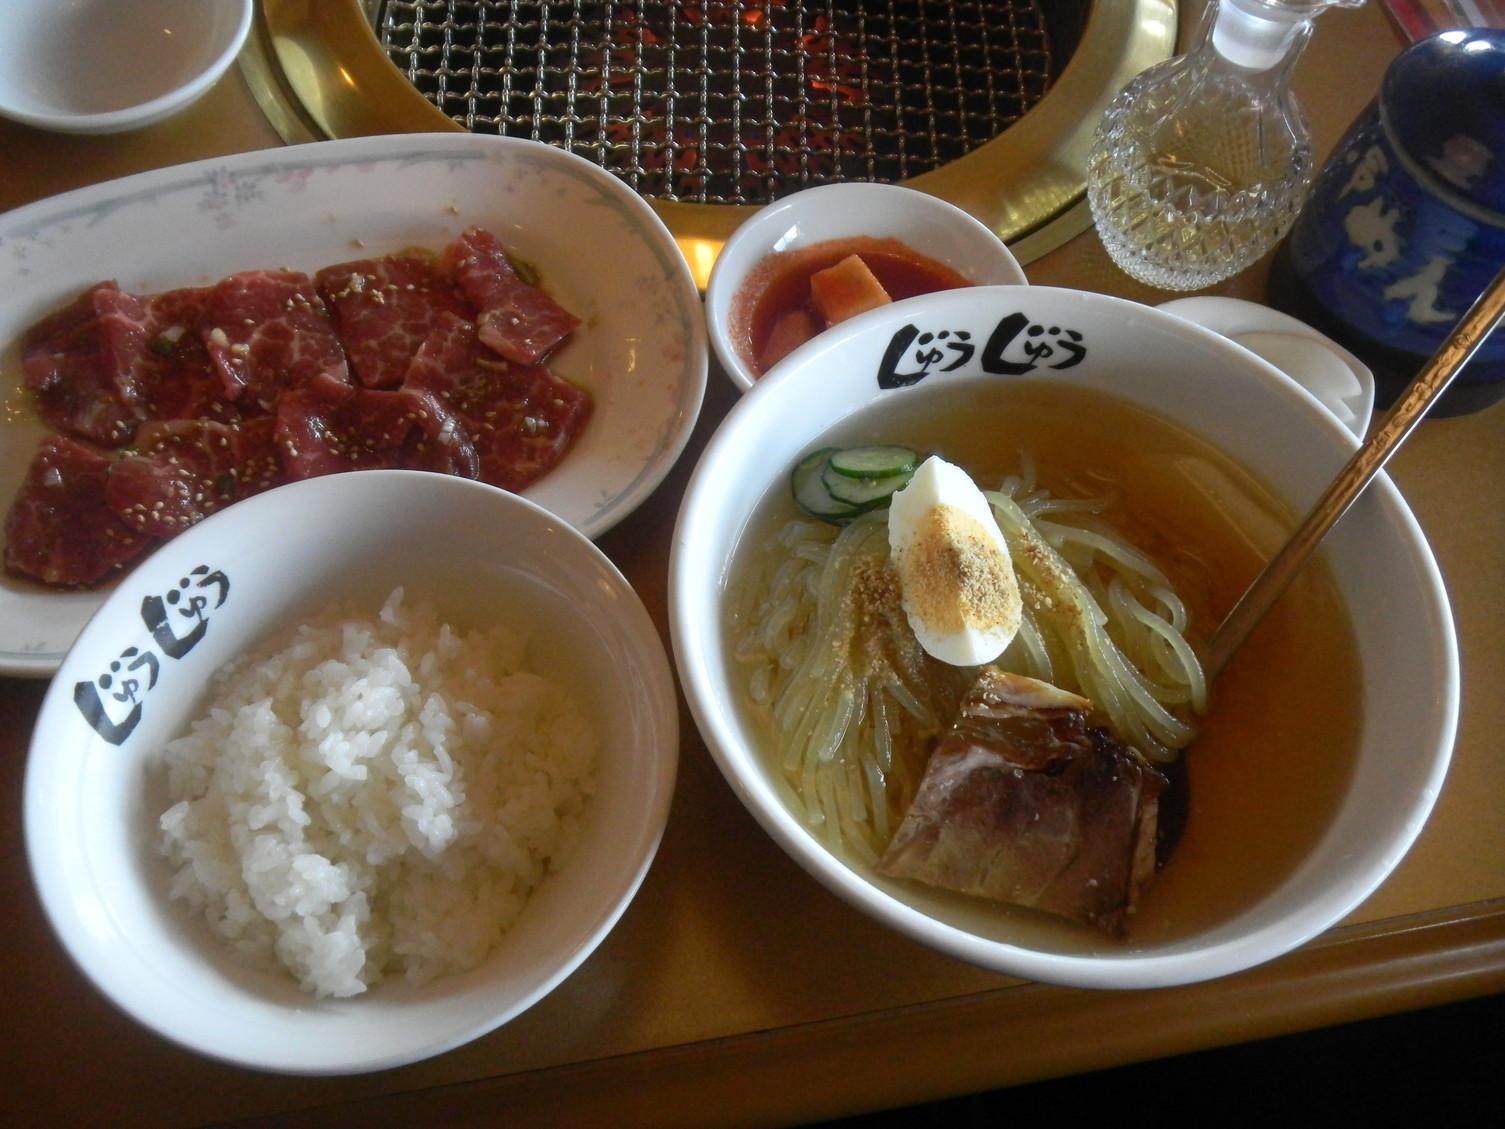 焼肉じゅうじゅう 土崎店